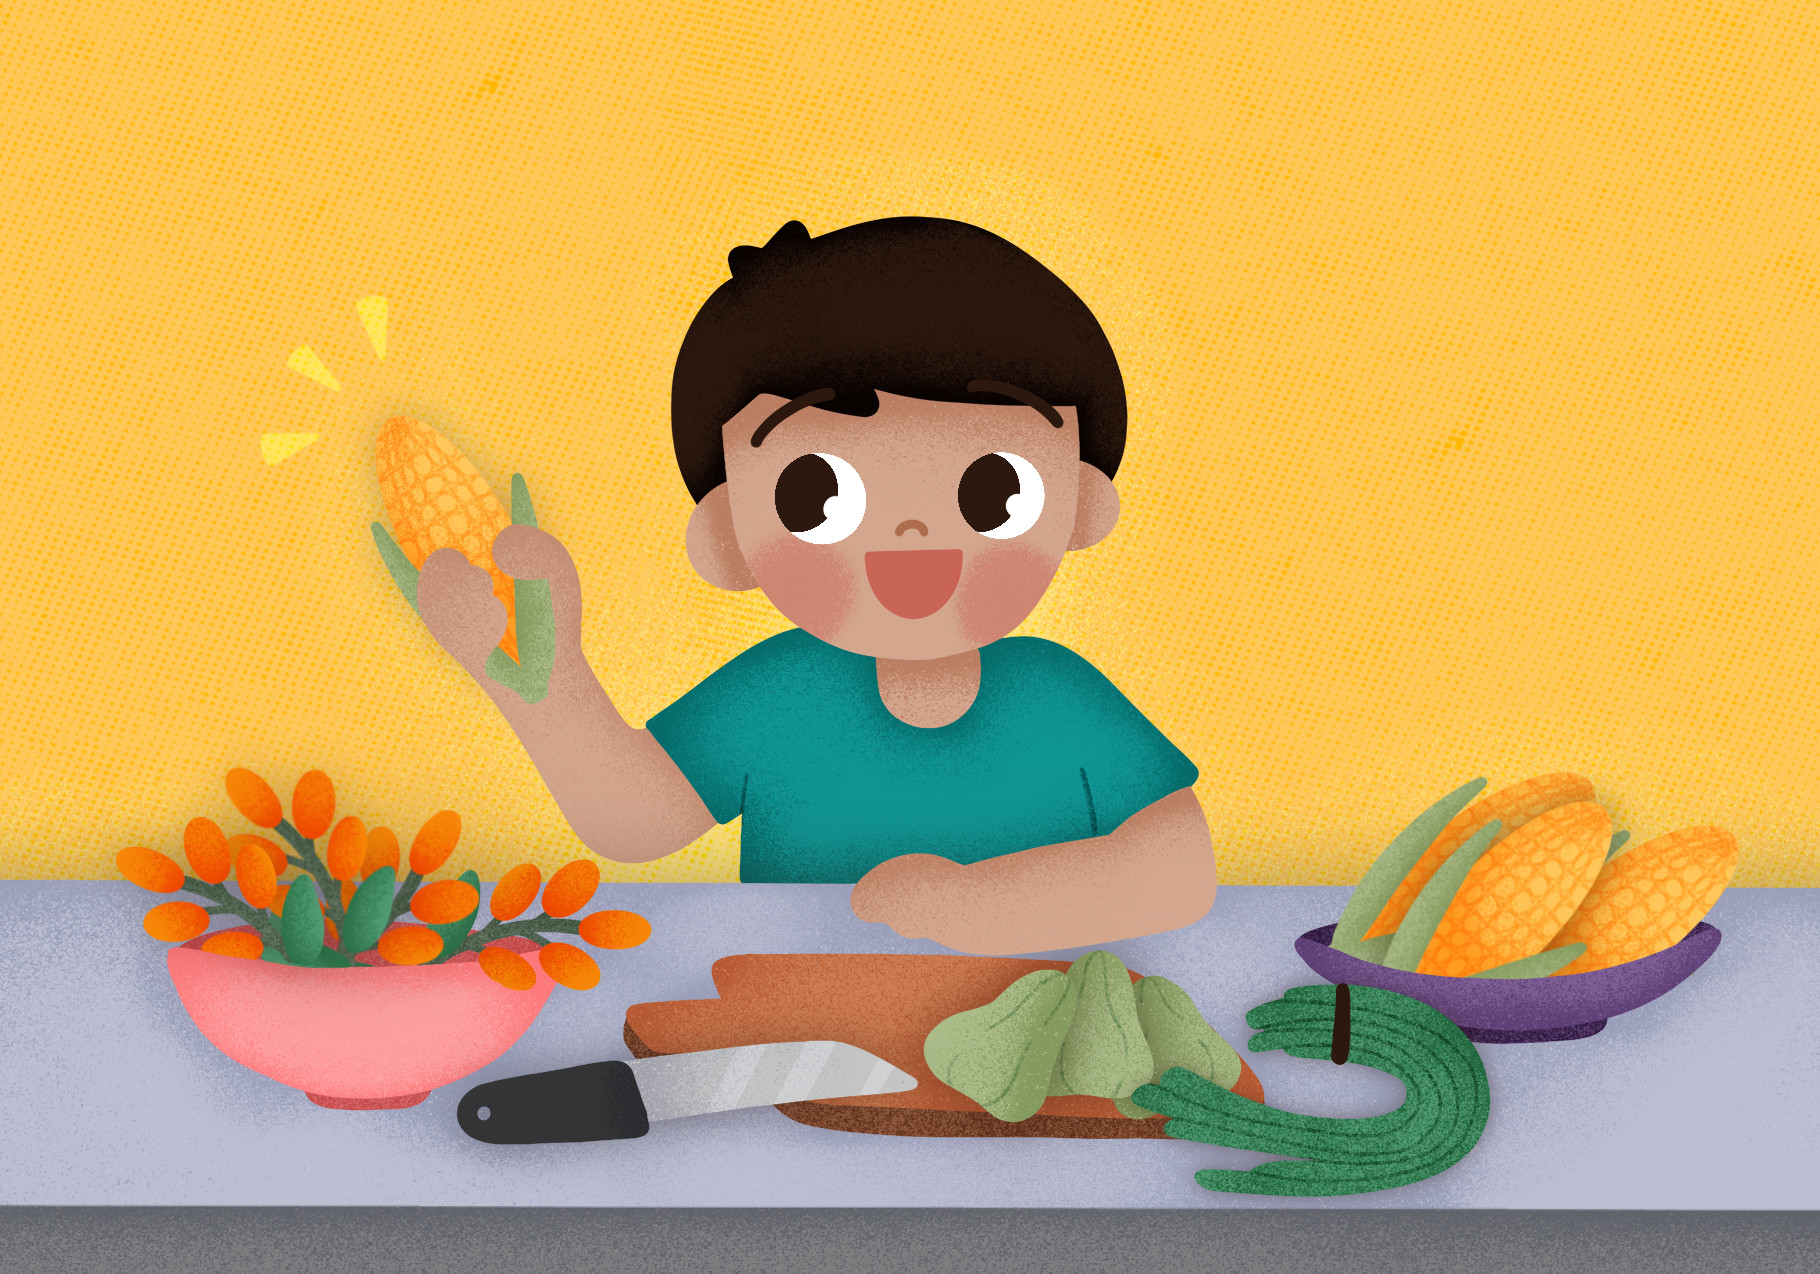 Romi is preparing the food ingredients